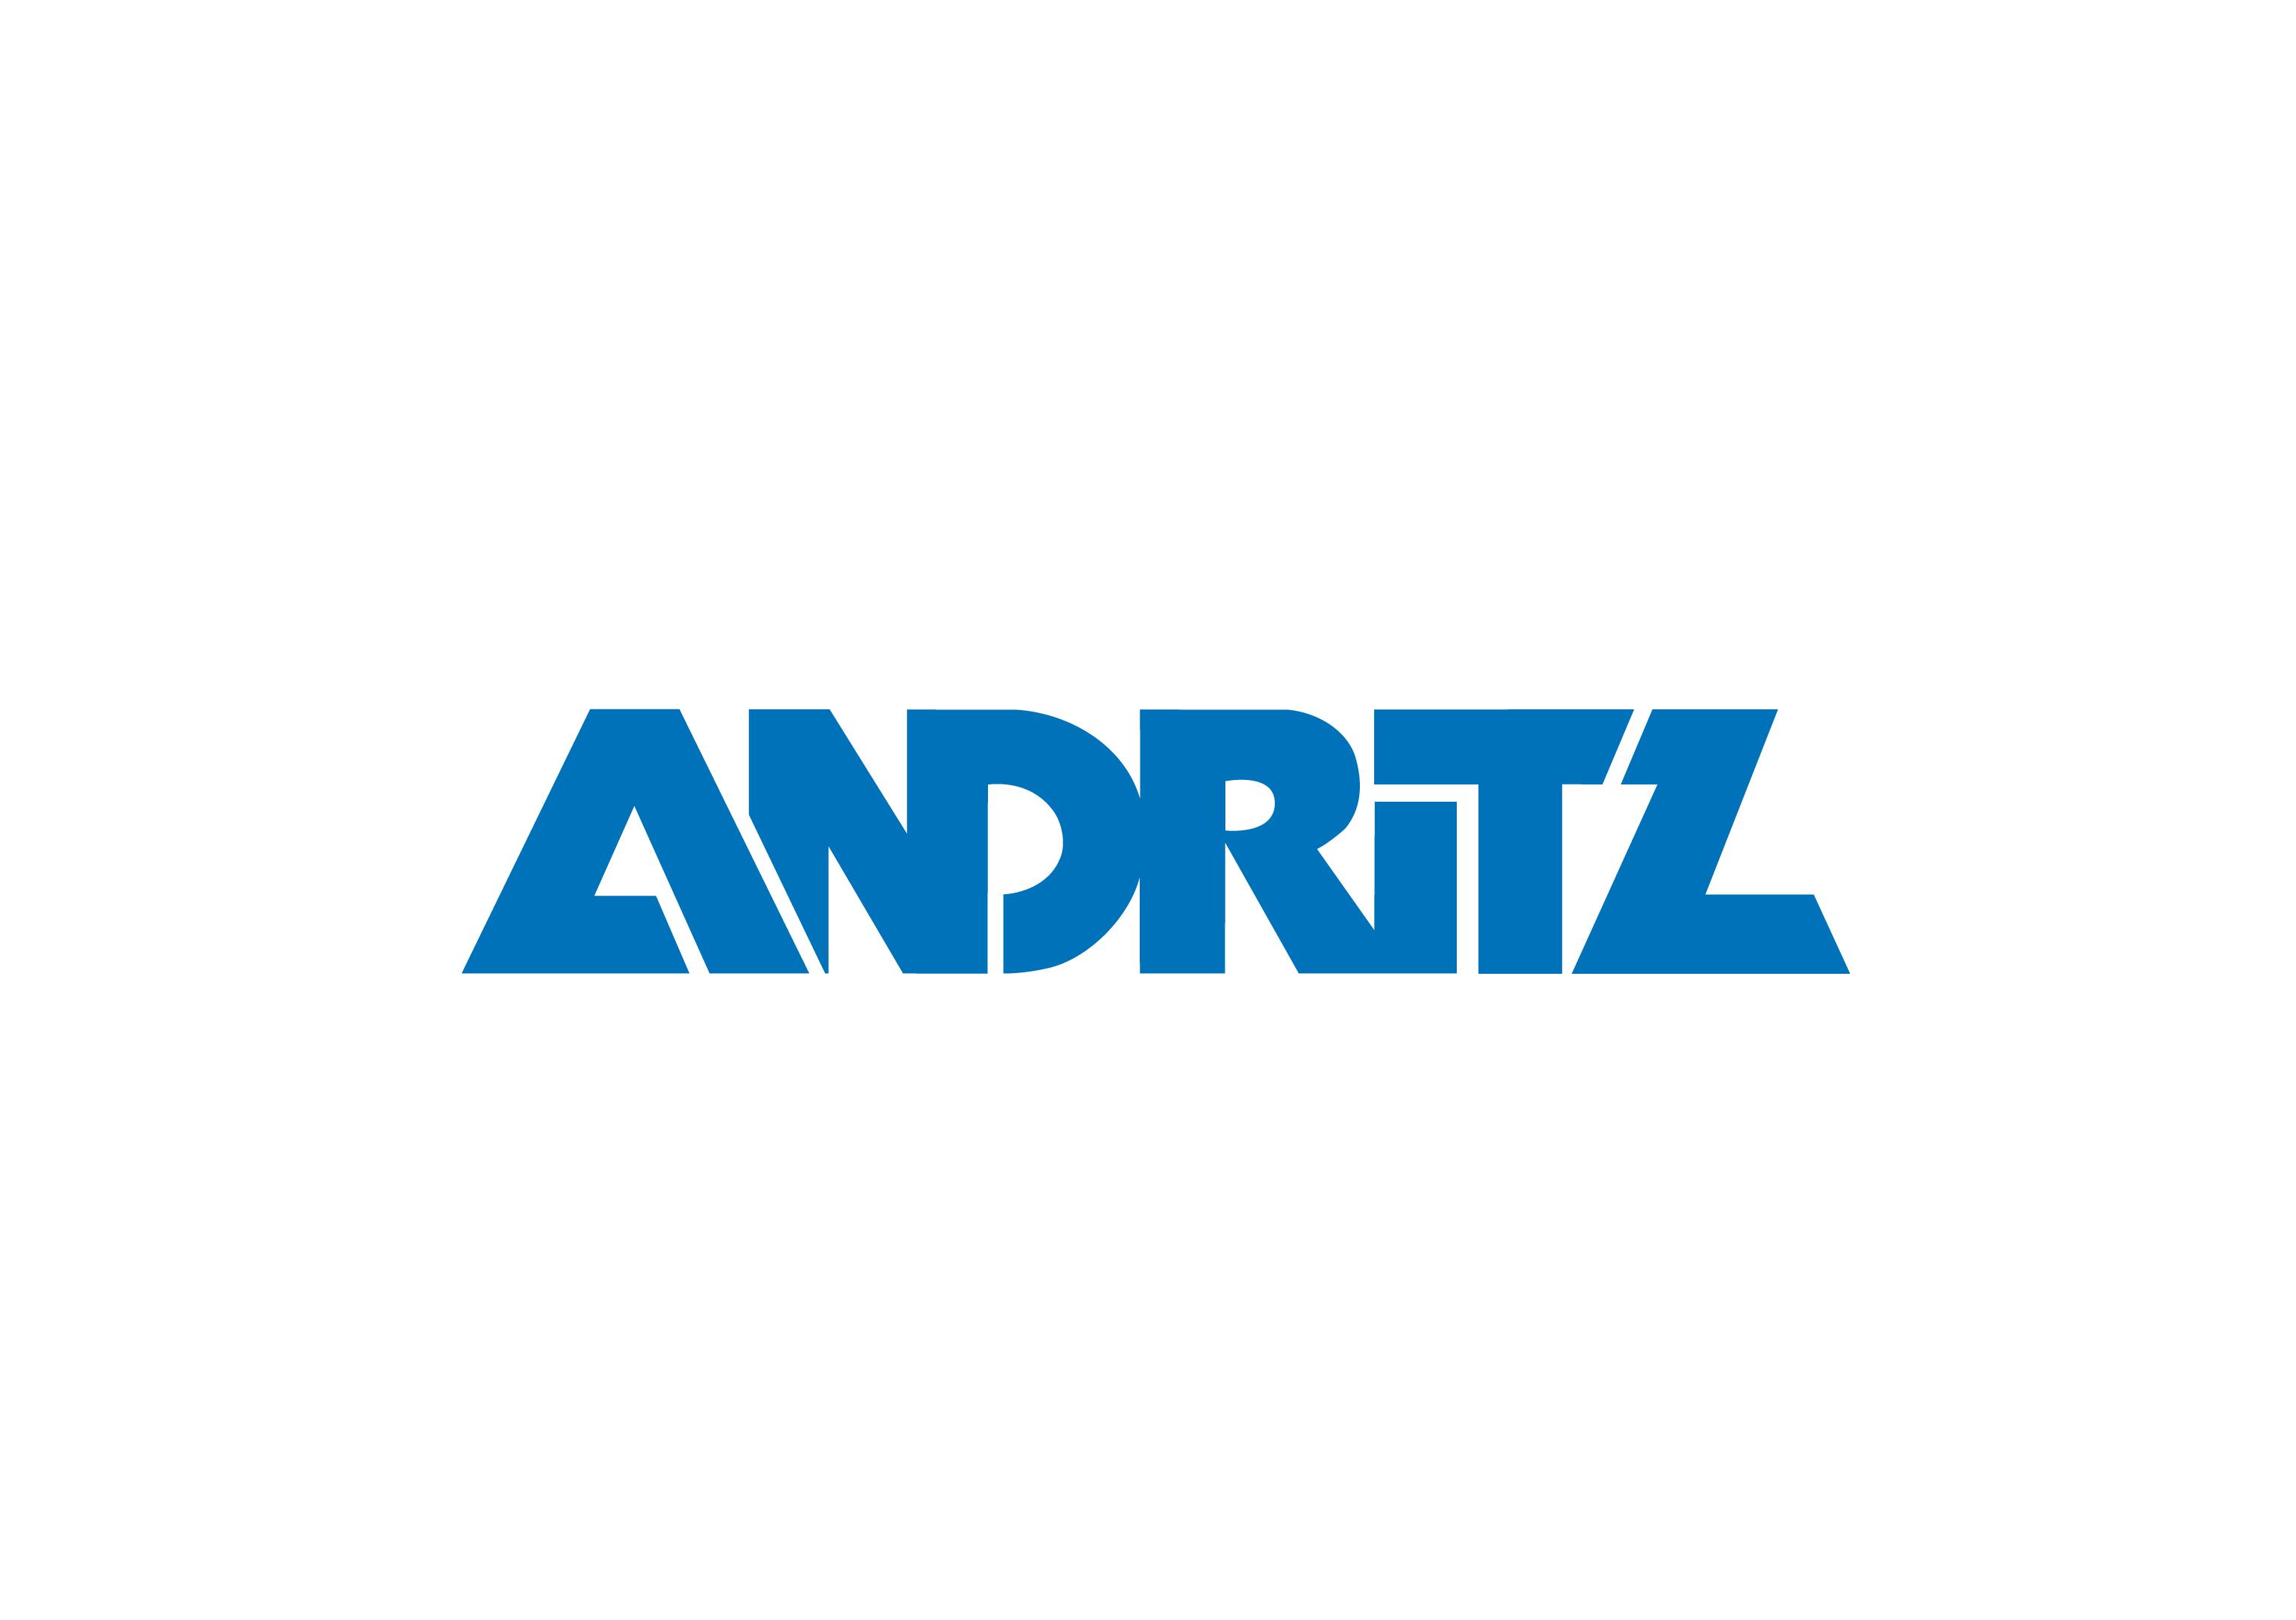 Logotipo AABE ANDRITZ